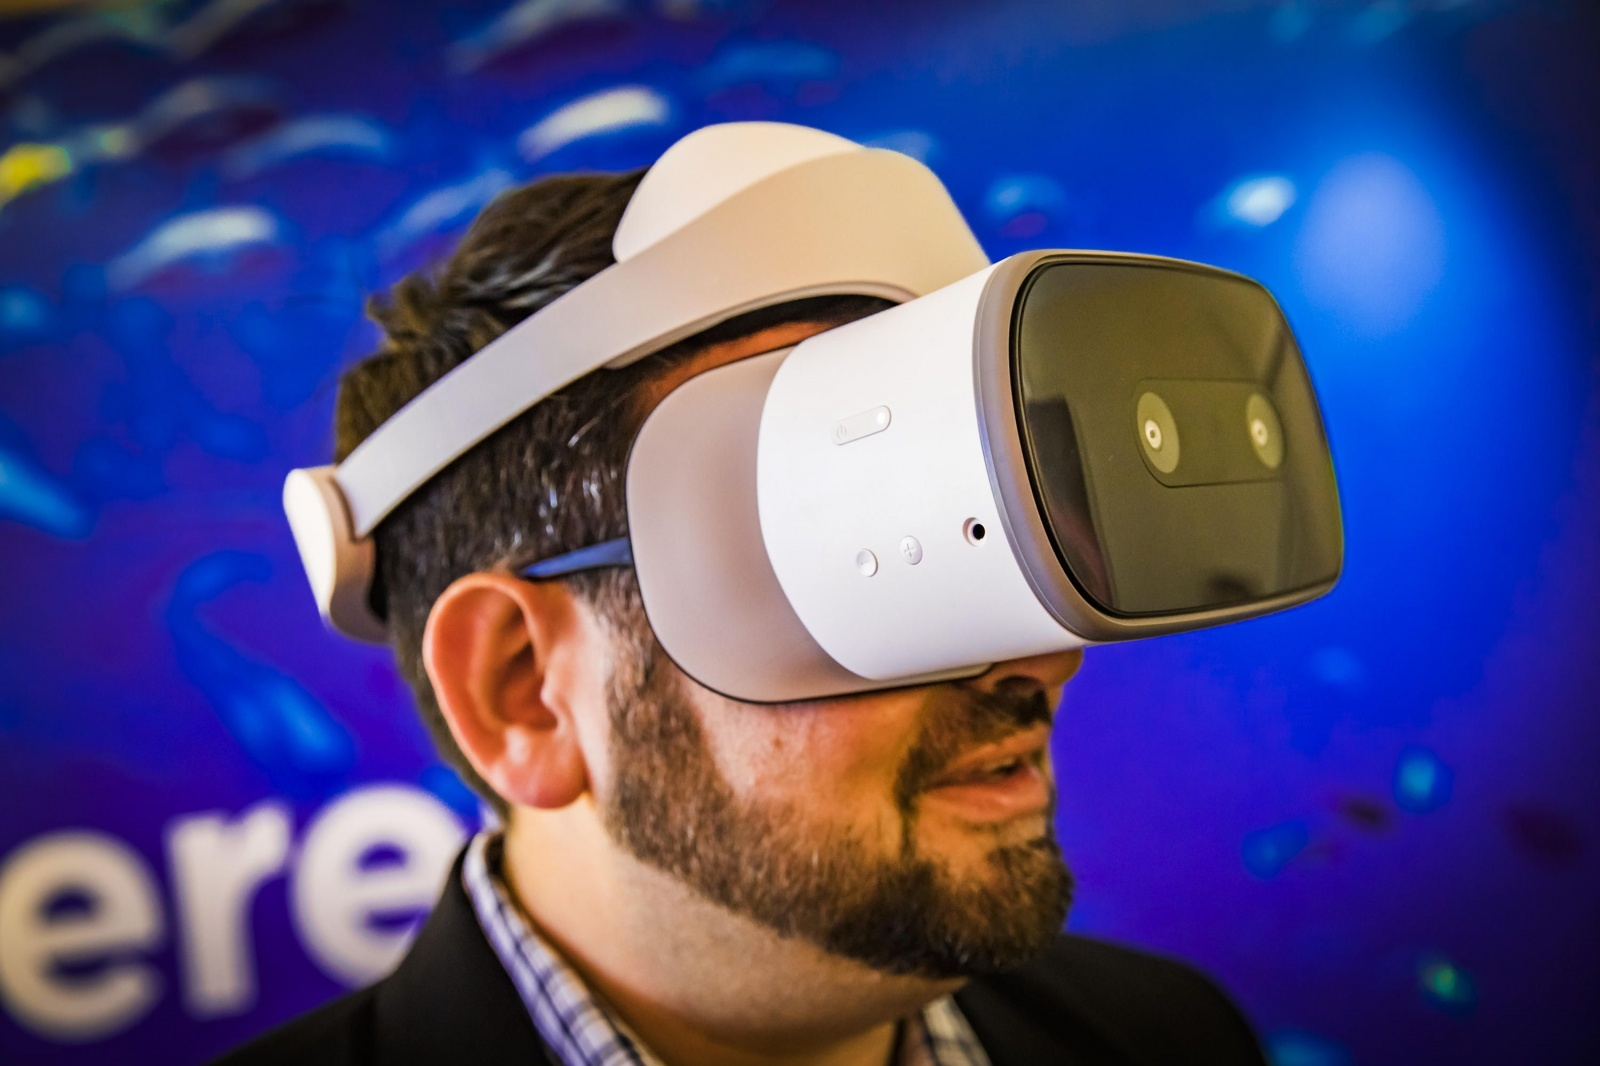 Что собой представляют последние VR-хедсеты от Facebook и Google - 8